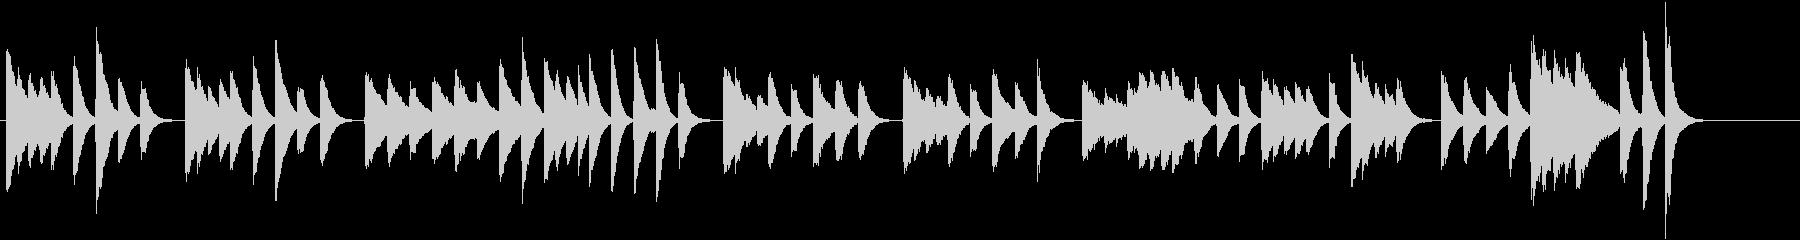 猫動画に♪ほんわかメロディピアノジングルの未再生の波形